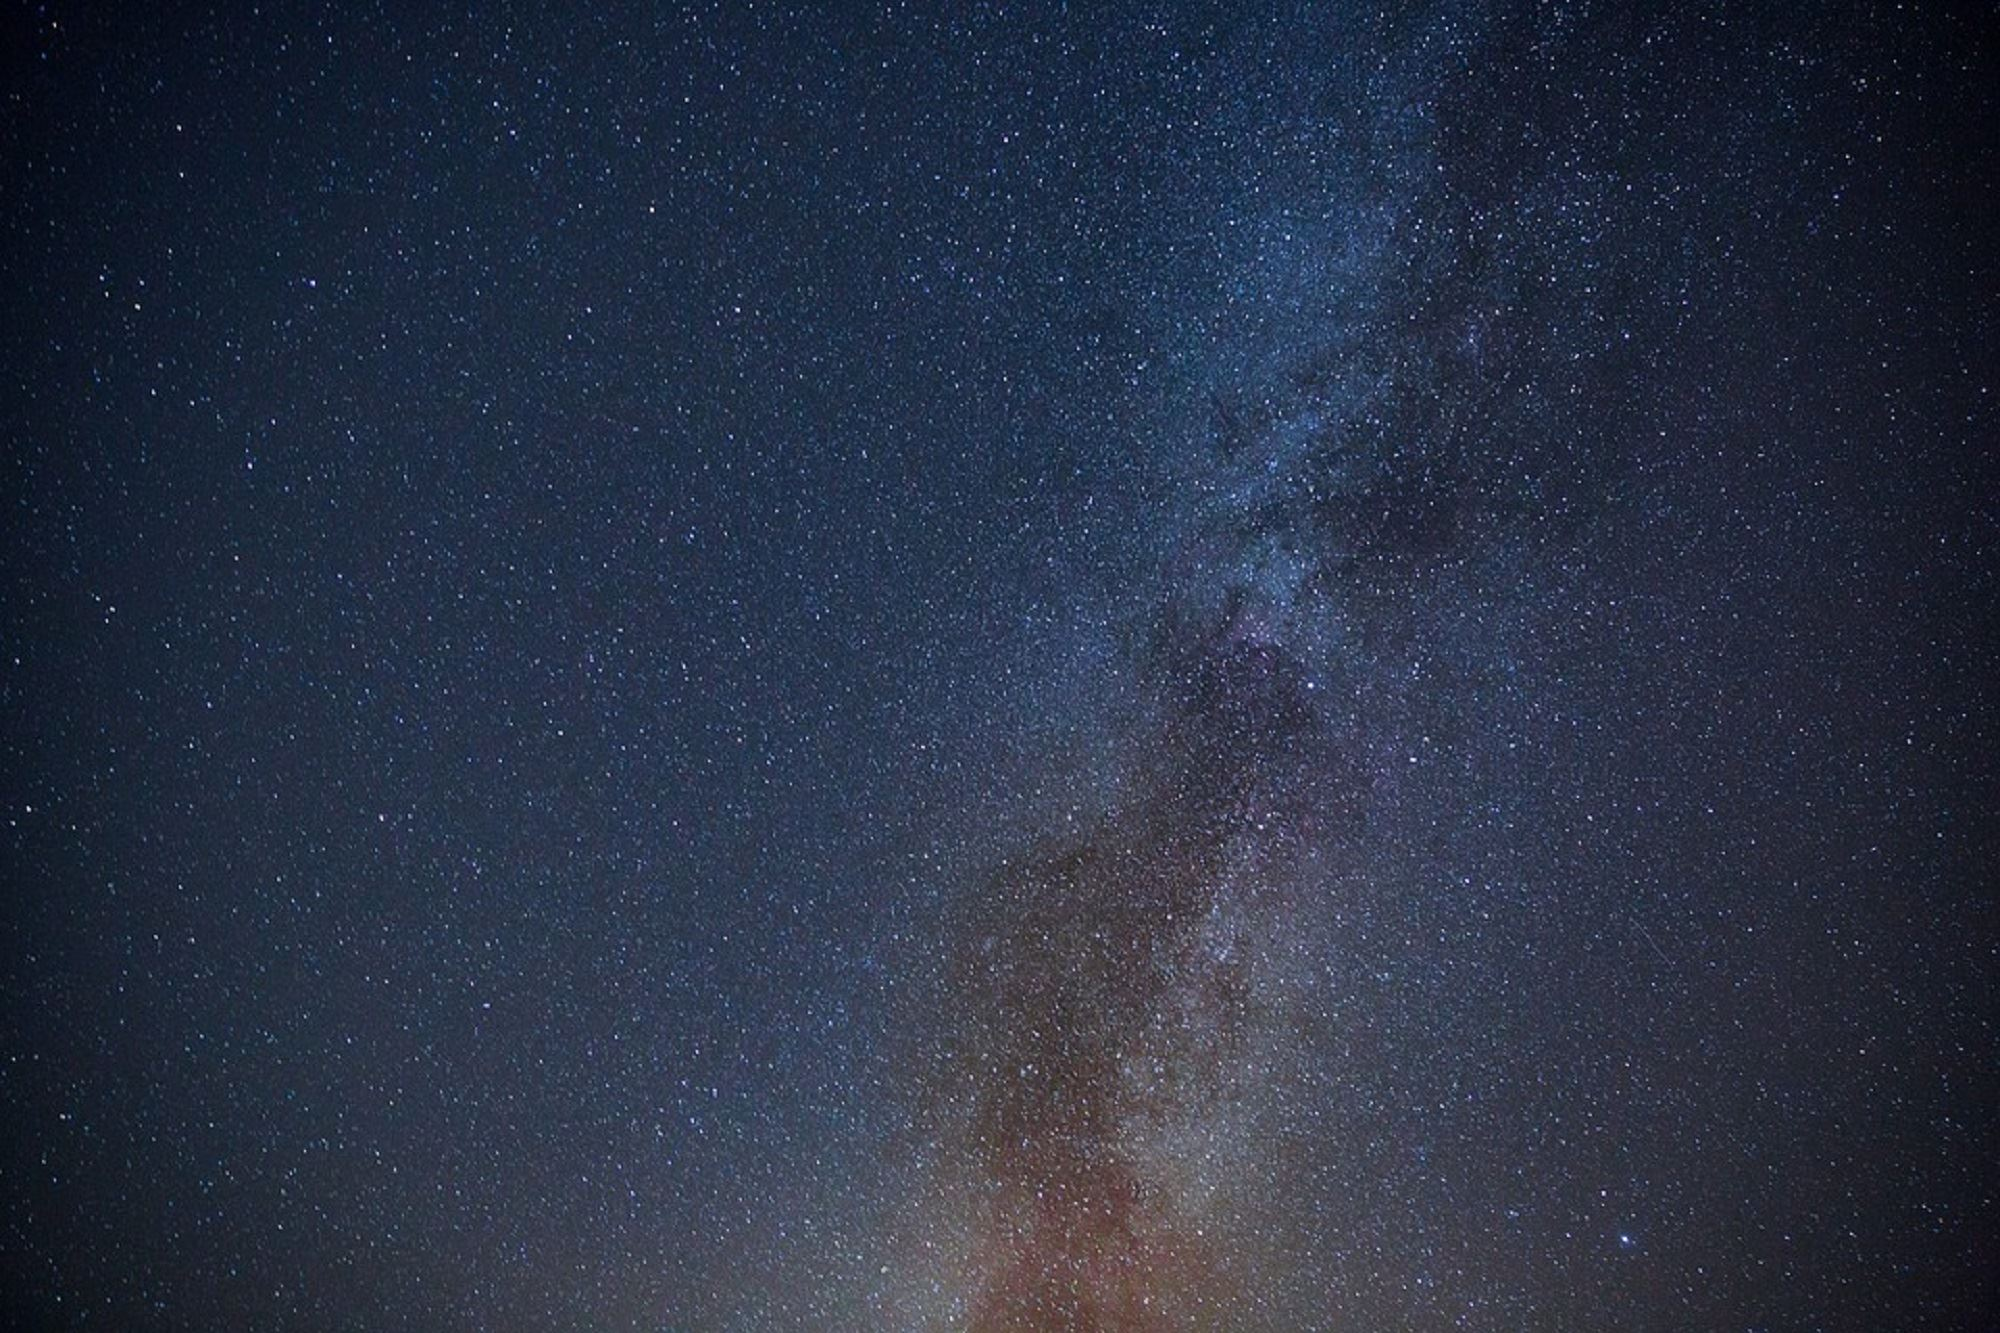 Föreläsning: Vintergatan - En resa genom vår galax